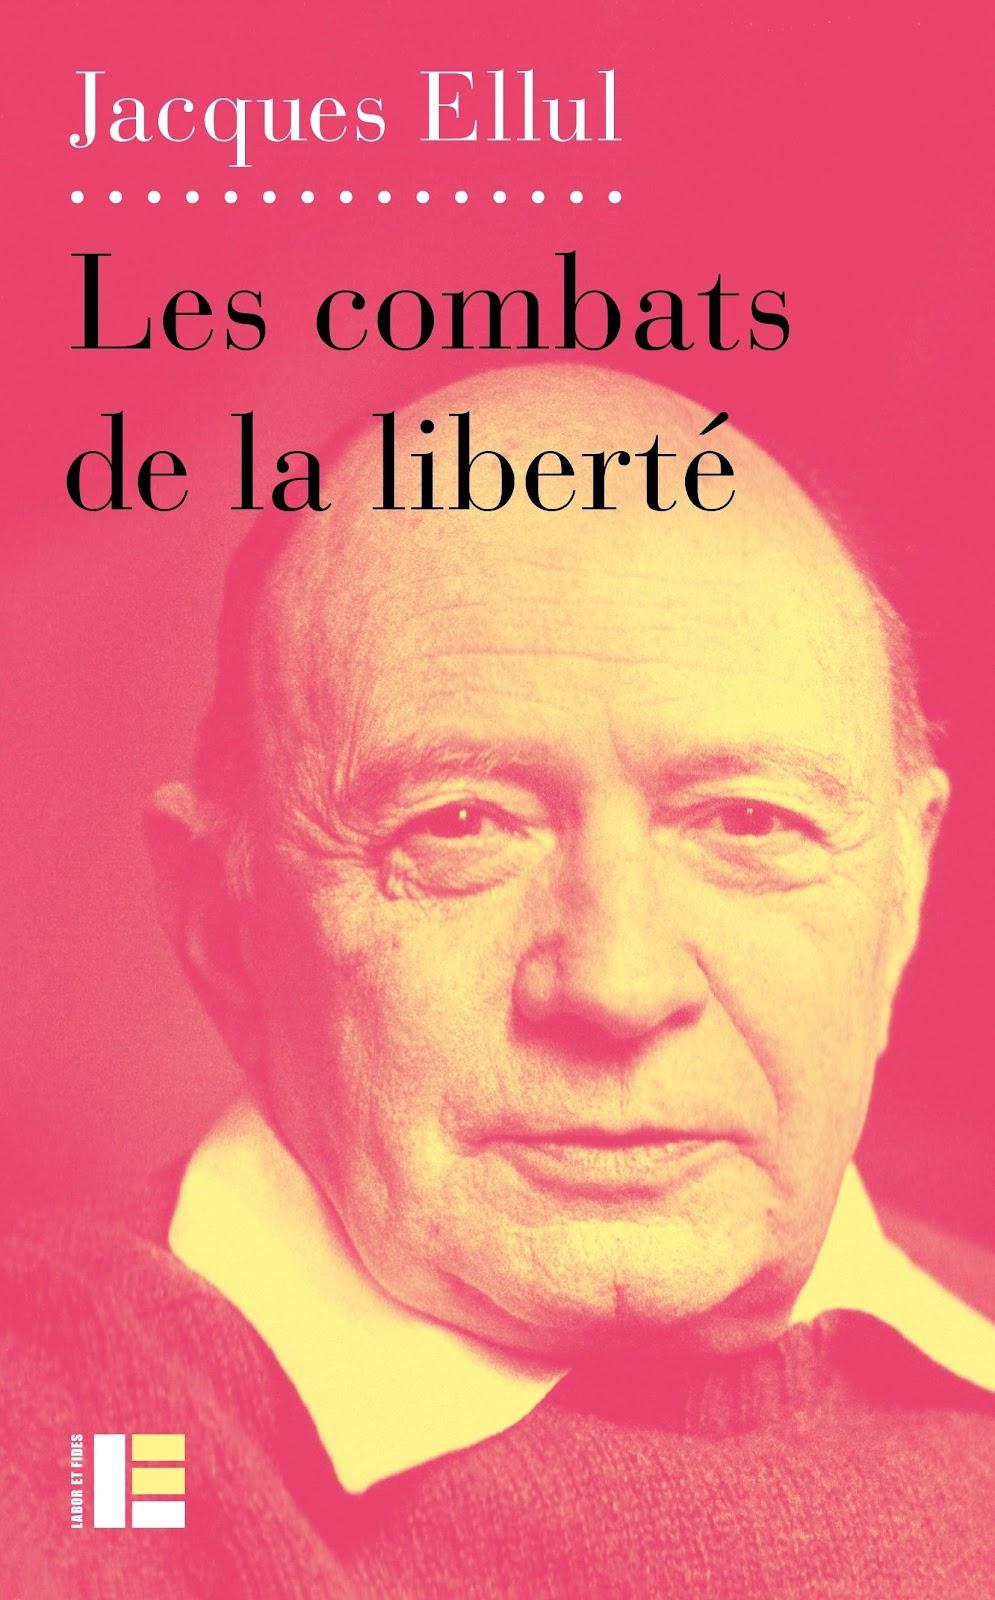 Les combats de la liberté - LIVRES - Les Éditions Labor et Fides